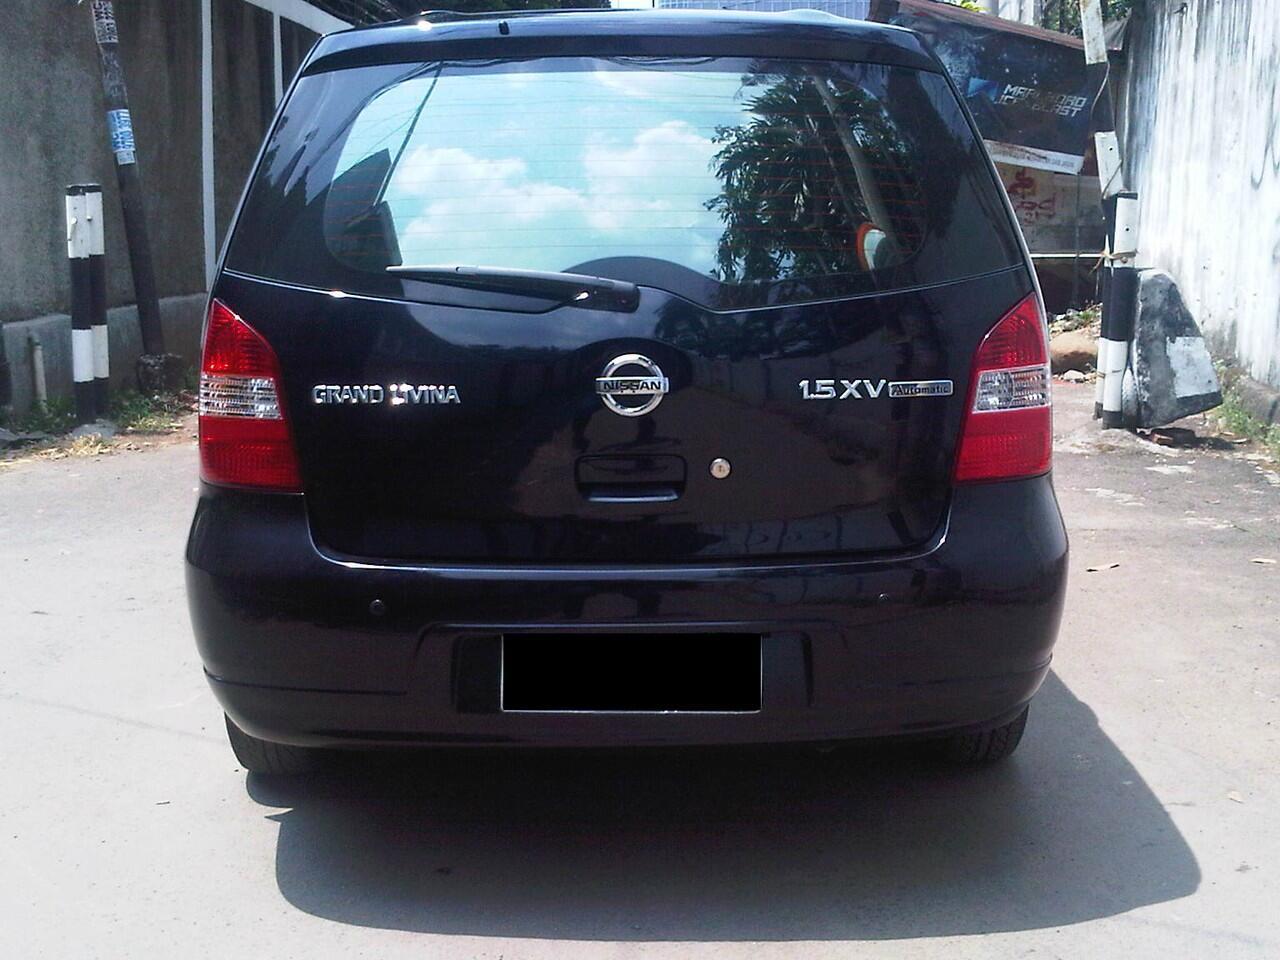 Nissan Grand Livina 1.5 XV AT 2010